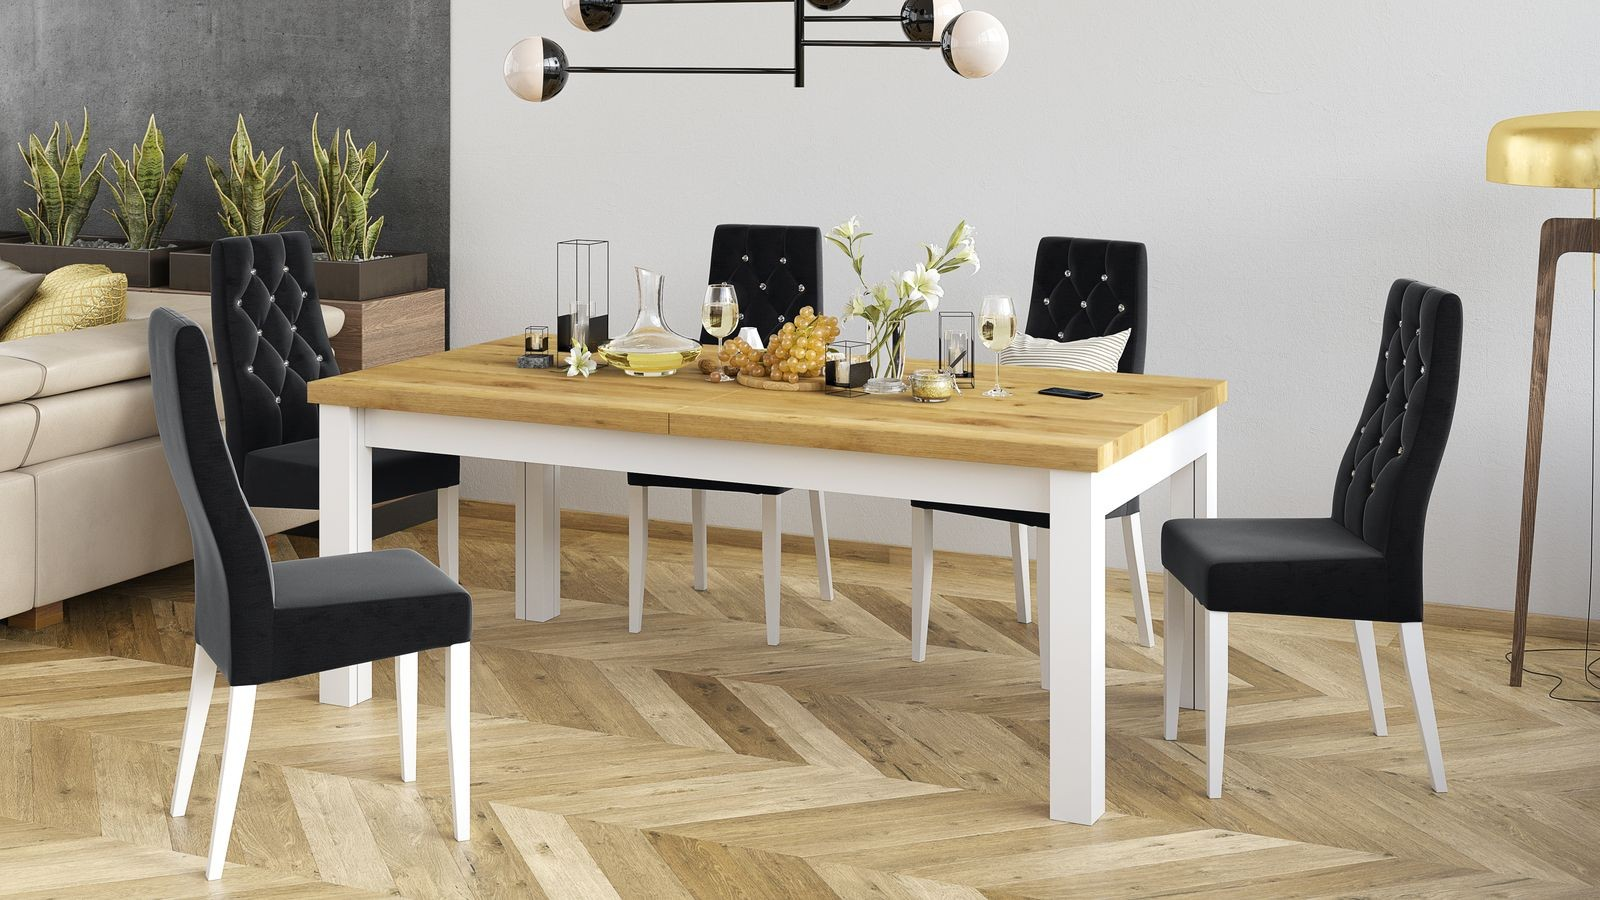 stół prowansalski z krzesłami tapicerowanymi do salonu